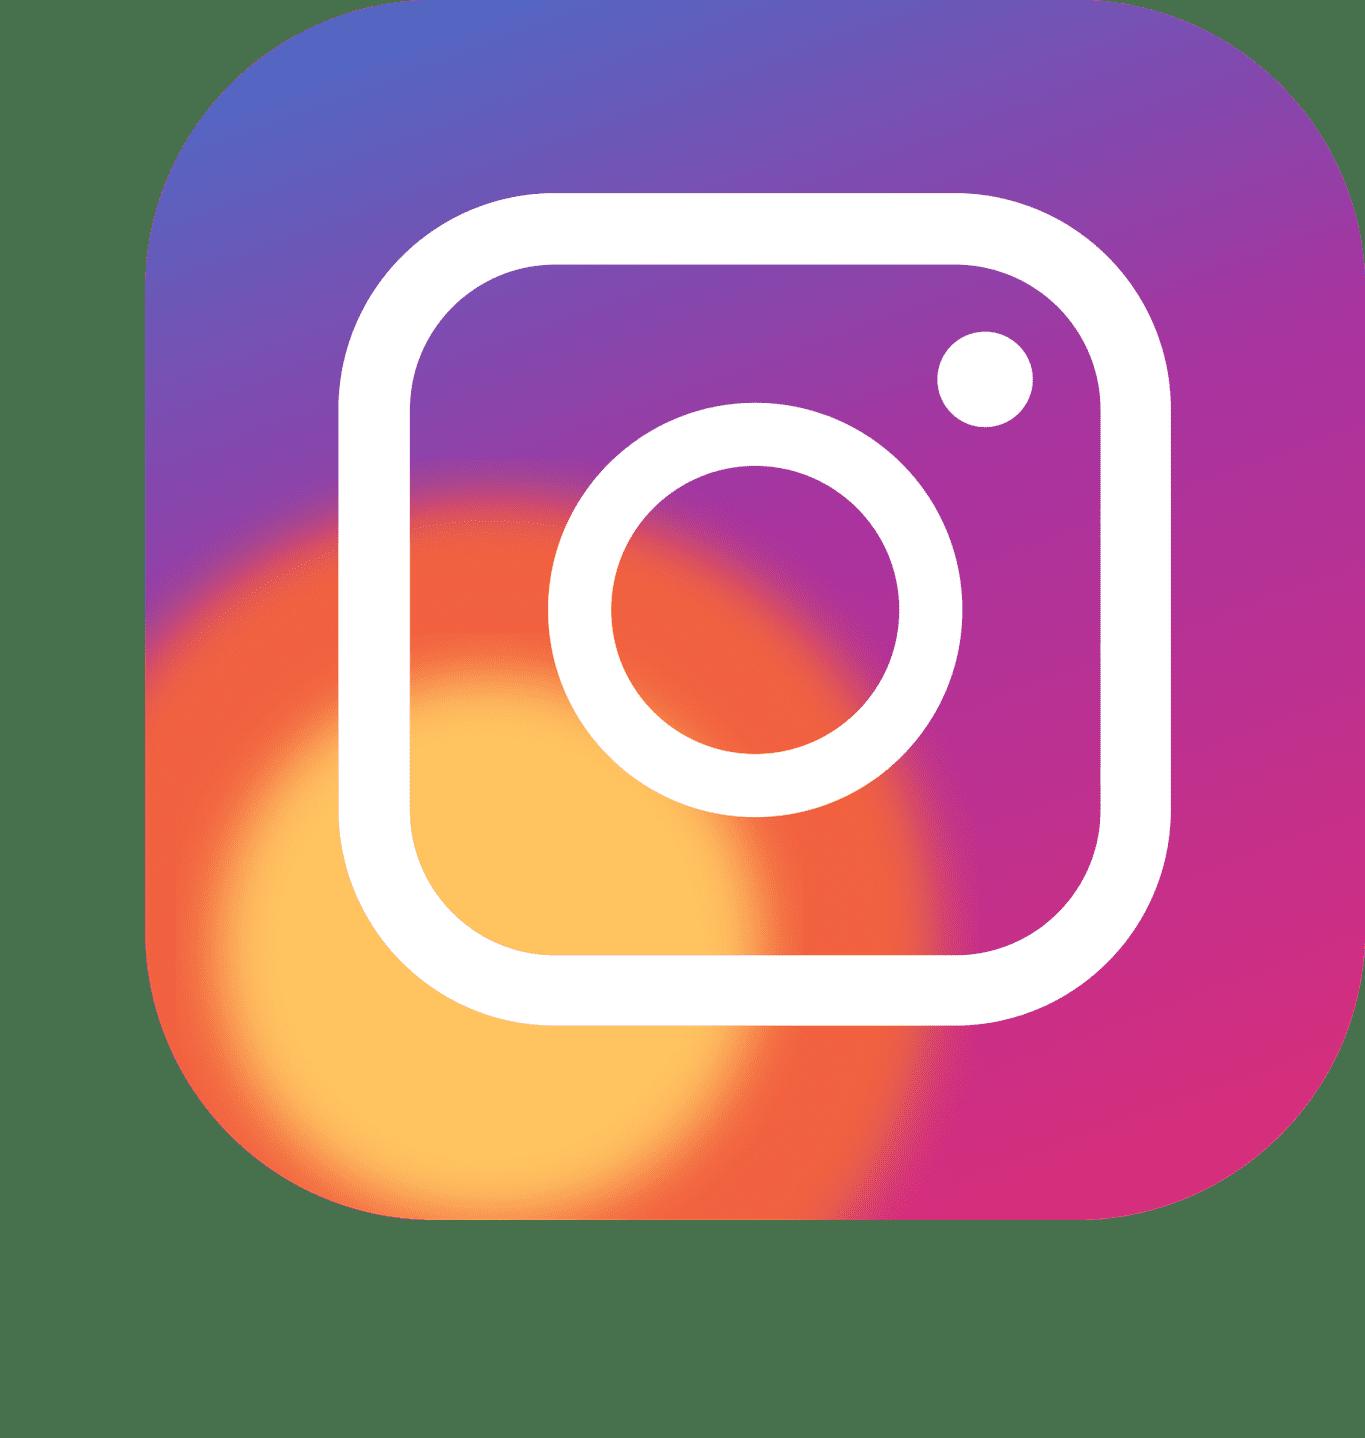 ສິ່ງທີ່ເກີດຂື້ນໃນເວລາທີ່ພວກເຂົາຕັນທ່ານໃນ Instagram